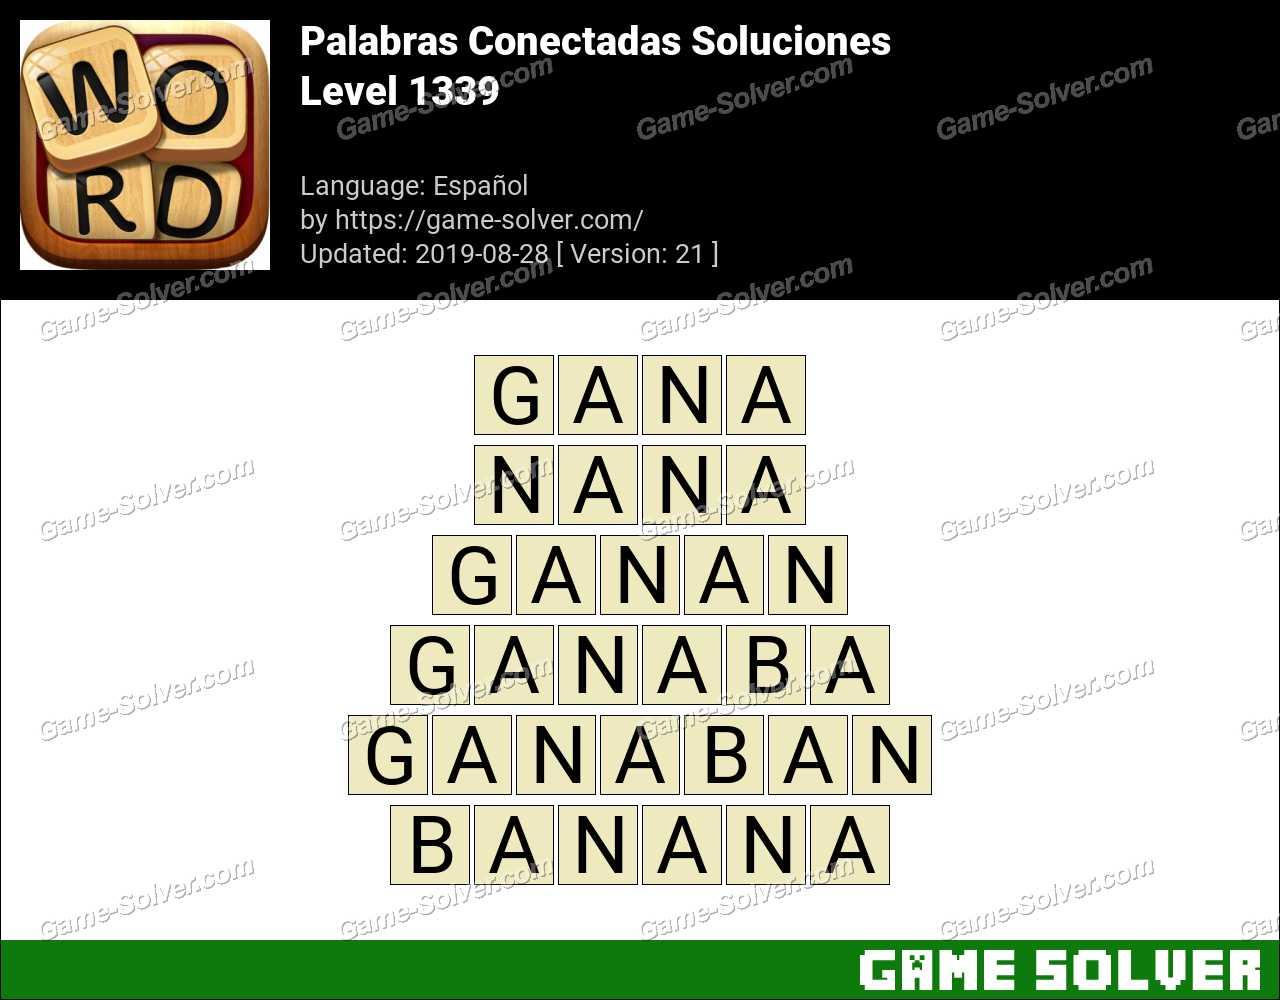 Palabras Conectadas Nivel 1339 Soluciones